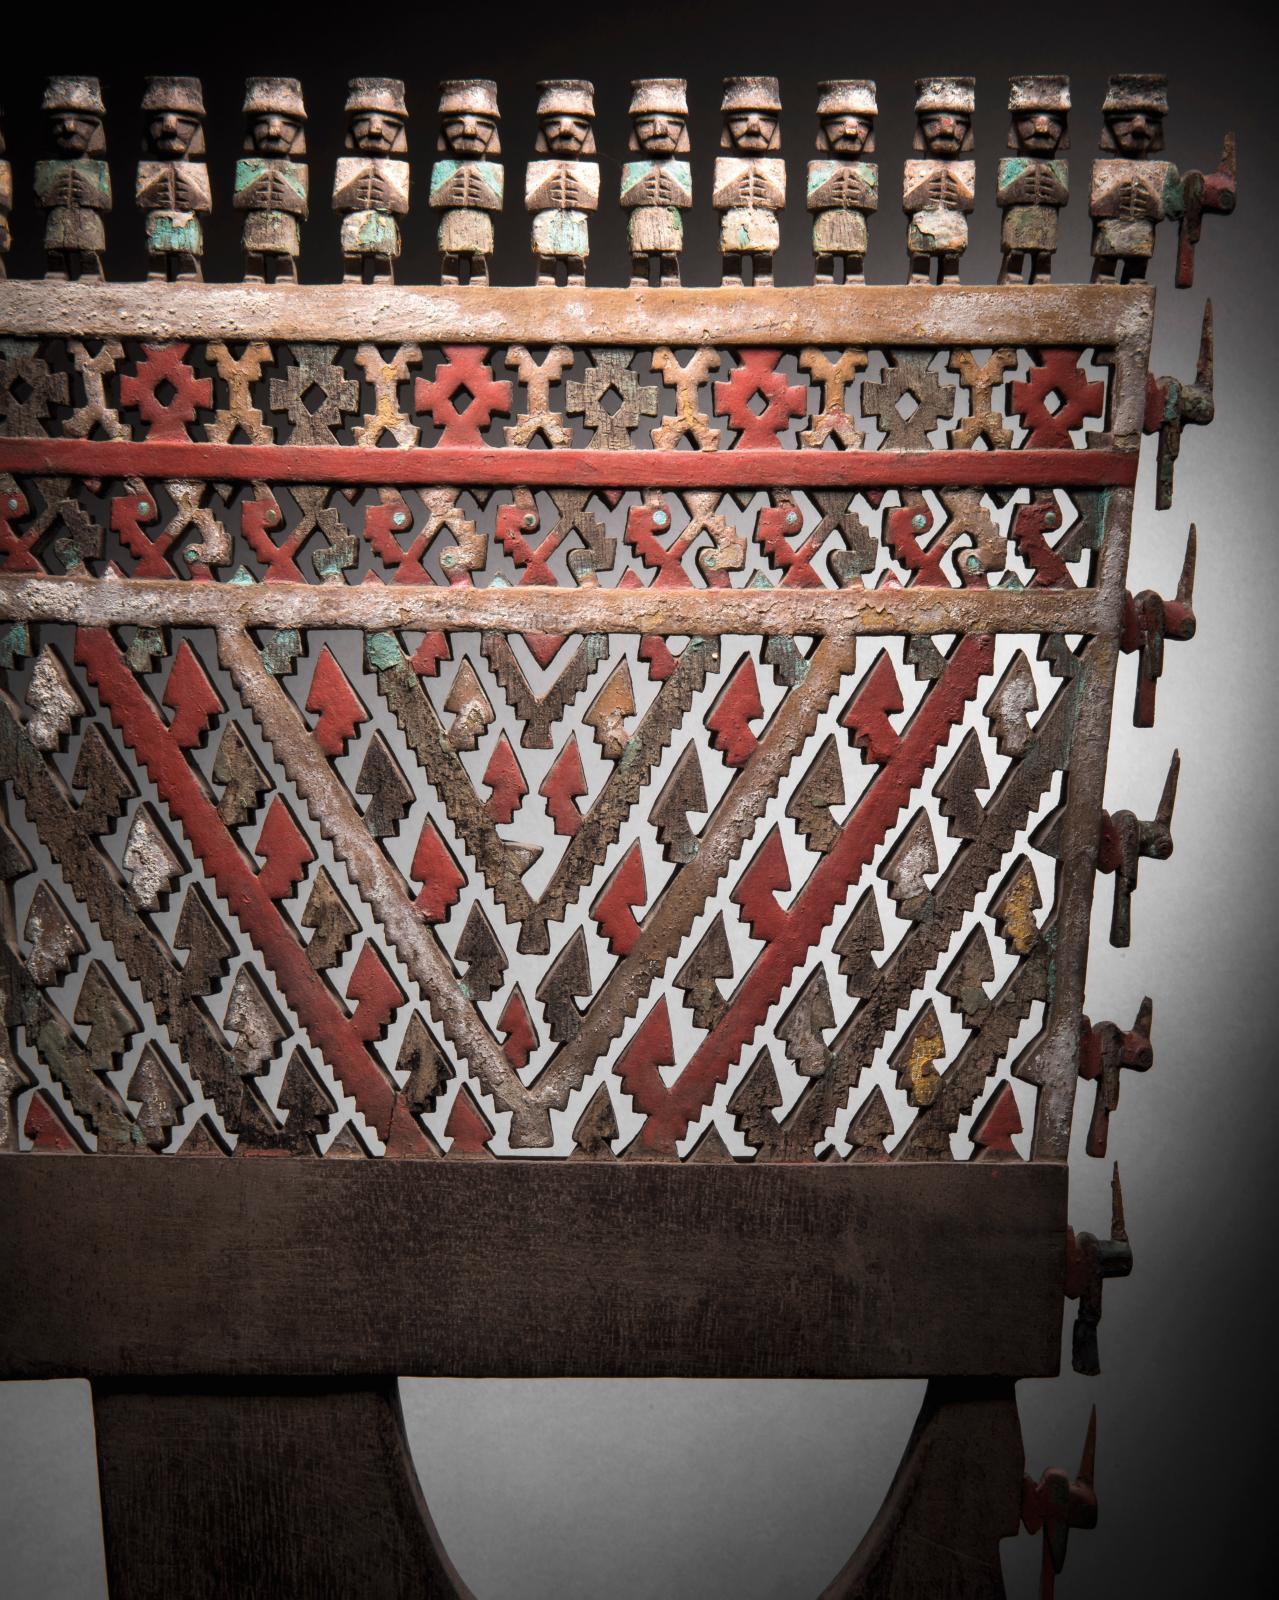 Rame cérémonielle, vallée d'Ica, Chincha, Pérou, intermédiaire récent, 1000-1470apr.J.-C. Rame cérémonielle, bois à patine naturelle et à décor poly